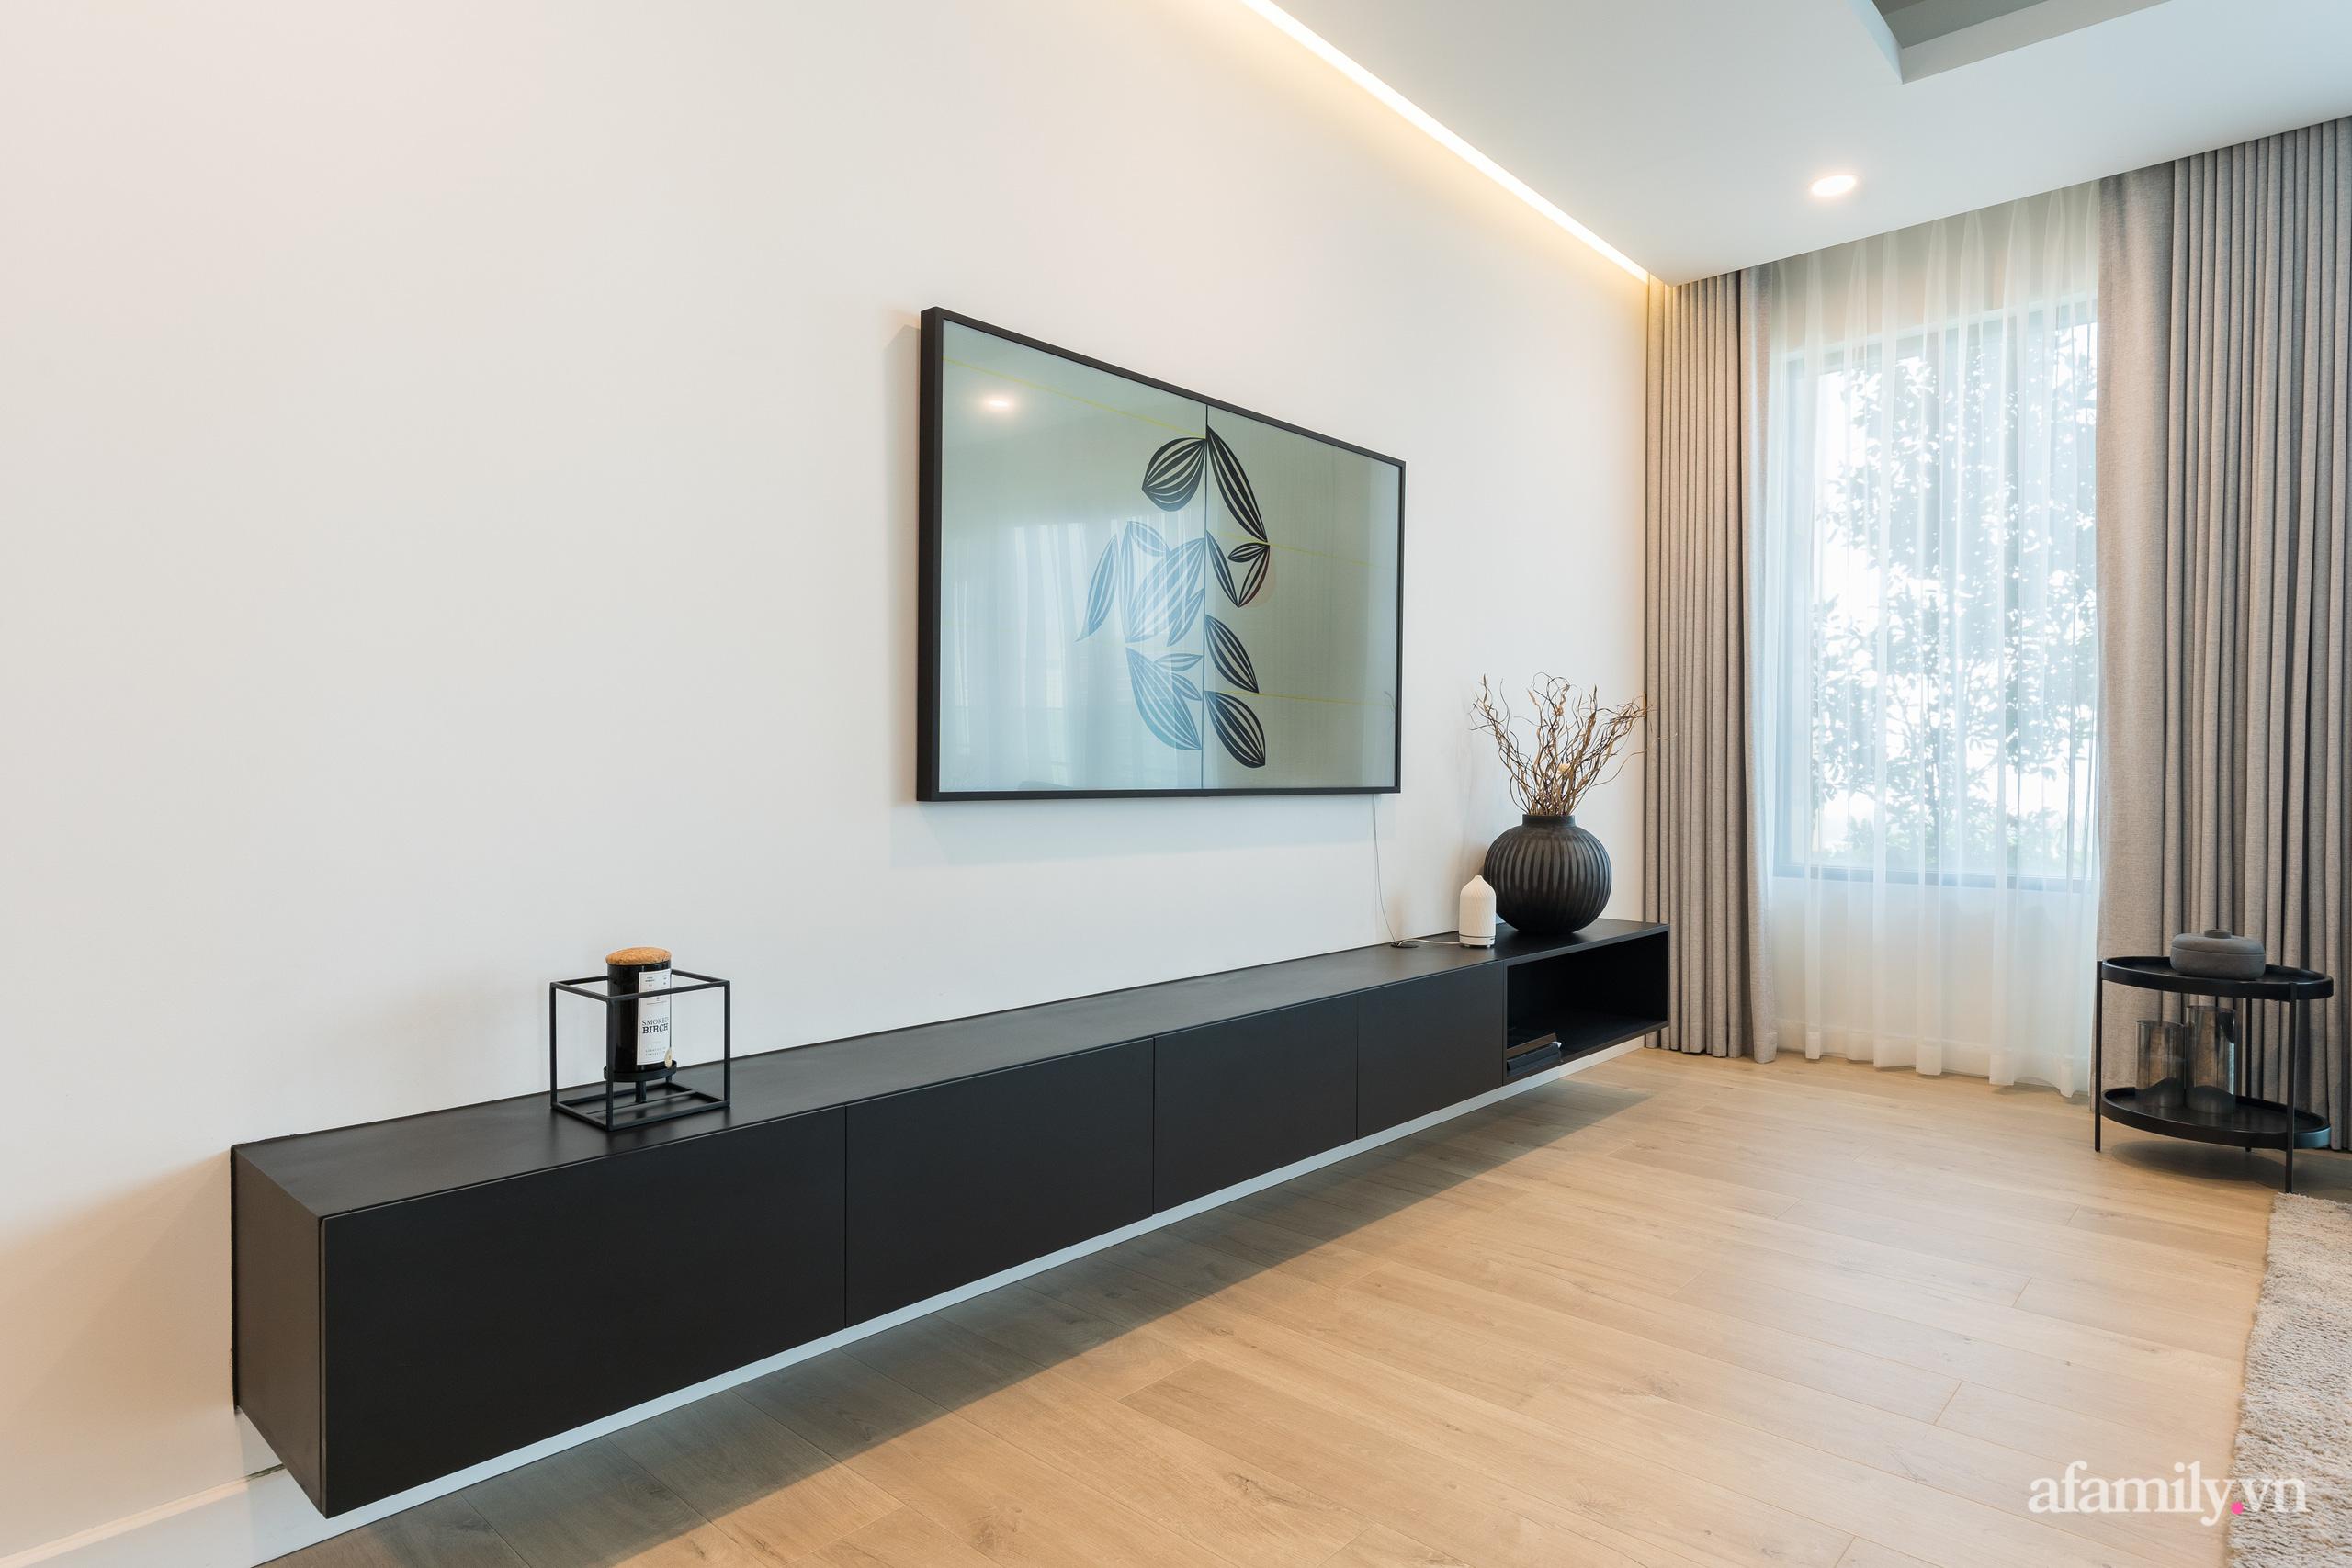 Căn hộ 216m² đẹp sang trọng và hiện đại thu trọn vẻ đẹp quận 2 Sài Gòn trong tầm mắt nhờ phong cách Minimalism - Ảnh 4.